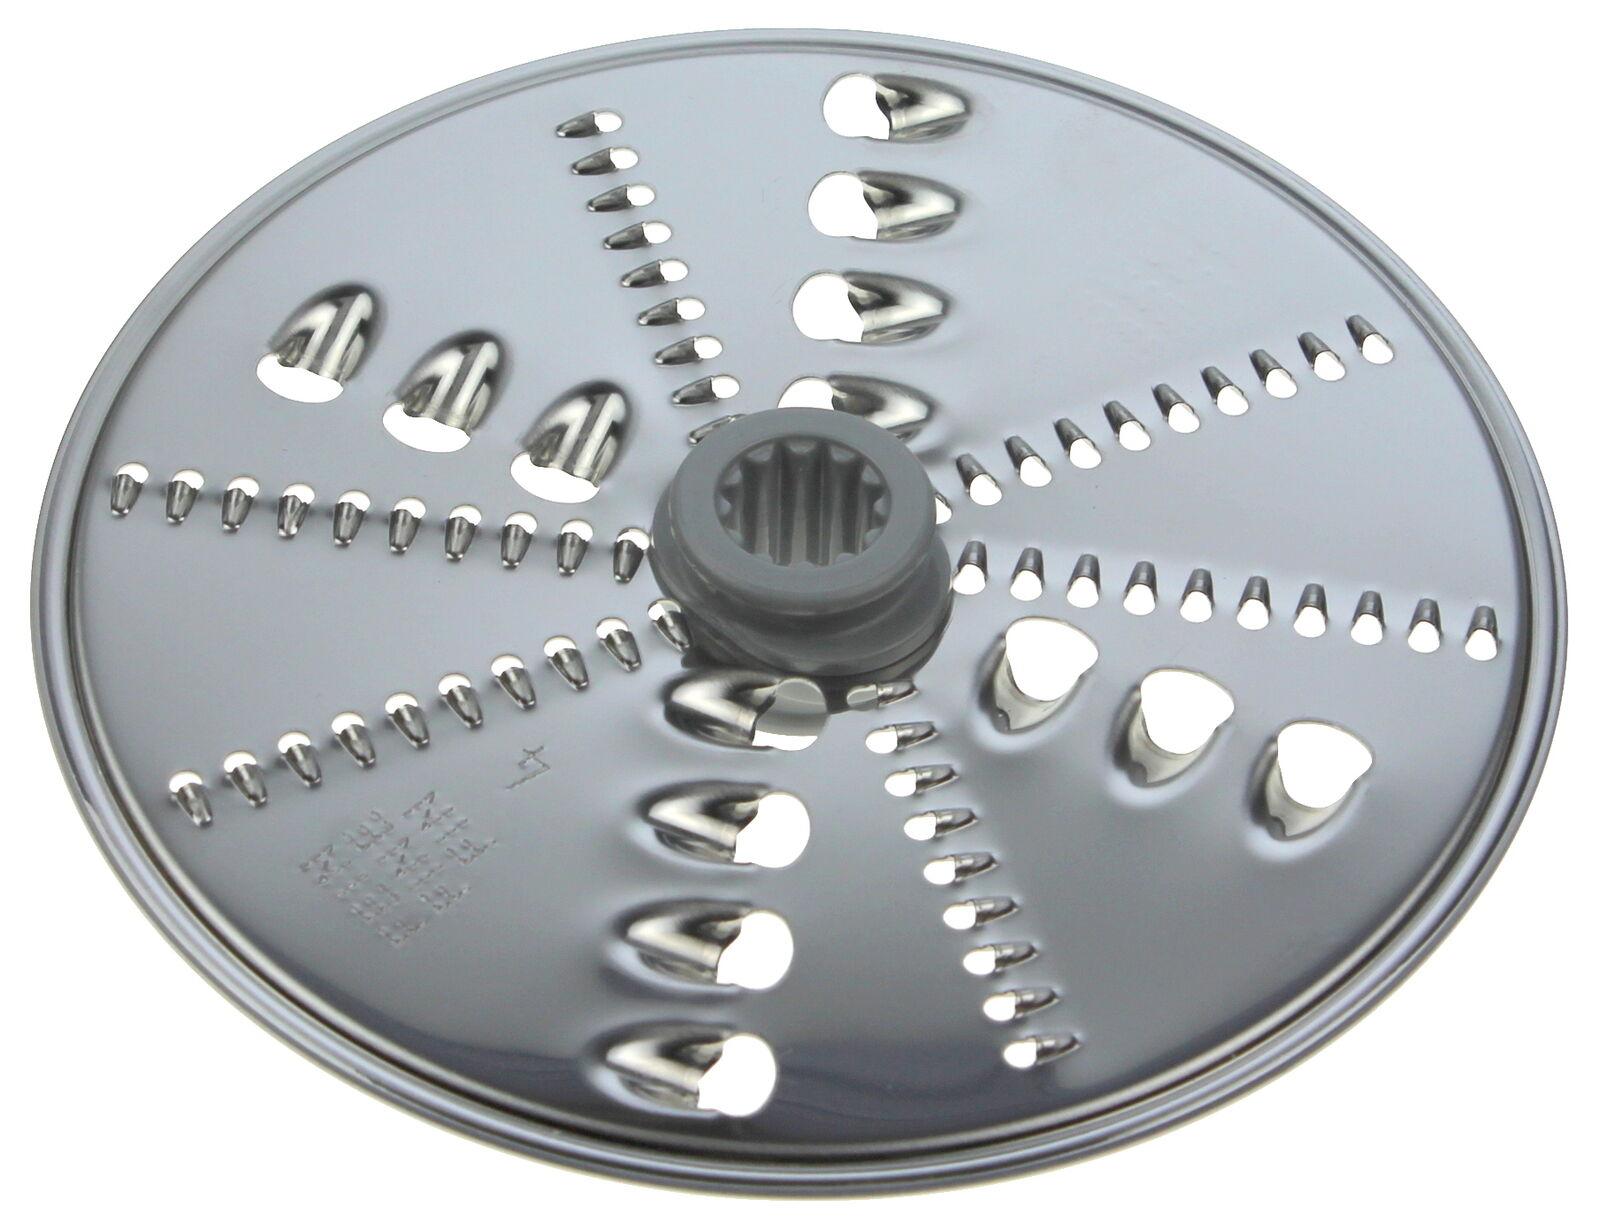 Bosch 12013081 Raspelscheibe für MCC9555DWC..Cookit Küchenmaschine